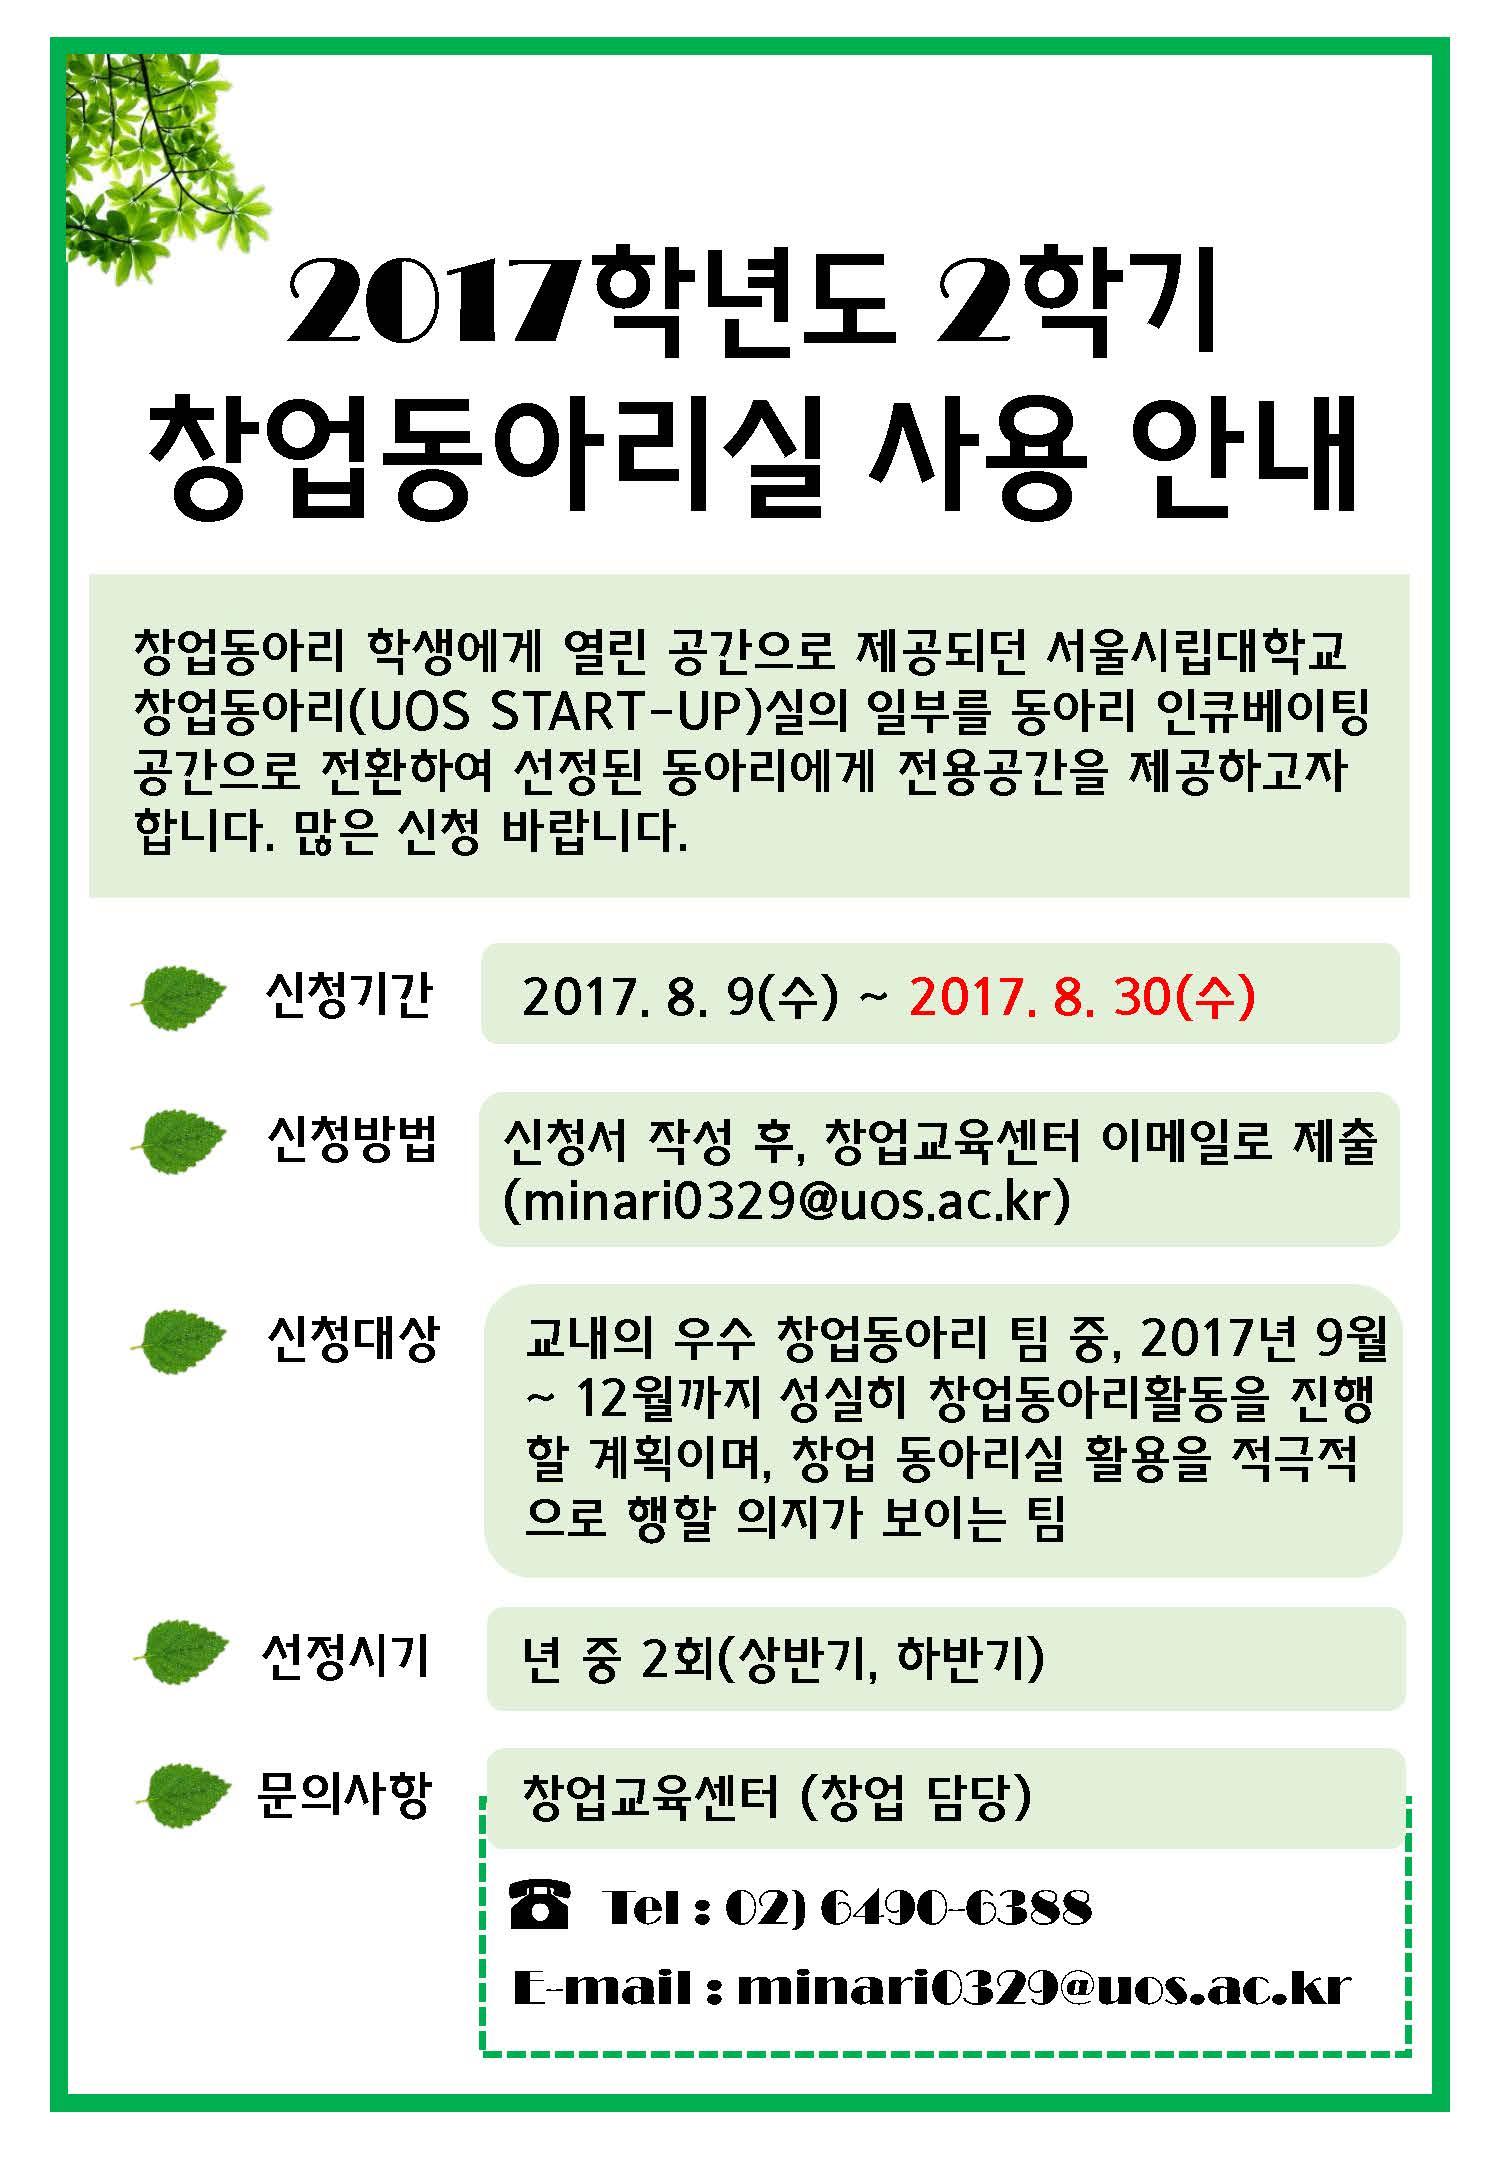 서울시립대학교 창업동아리실 사용 신청 안내